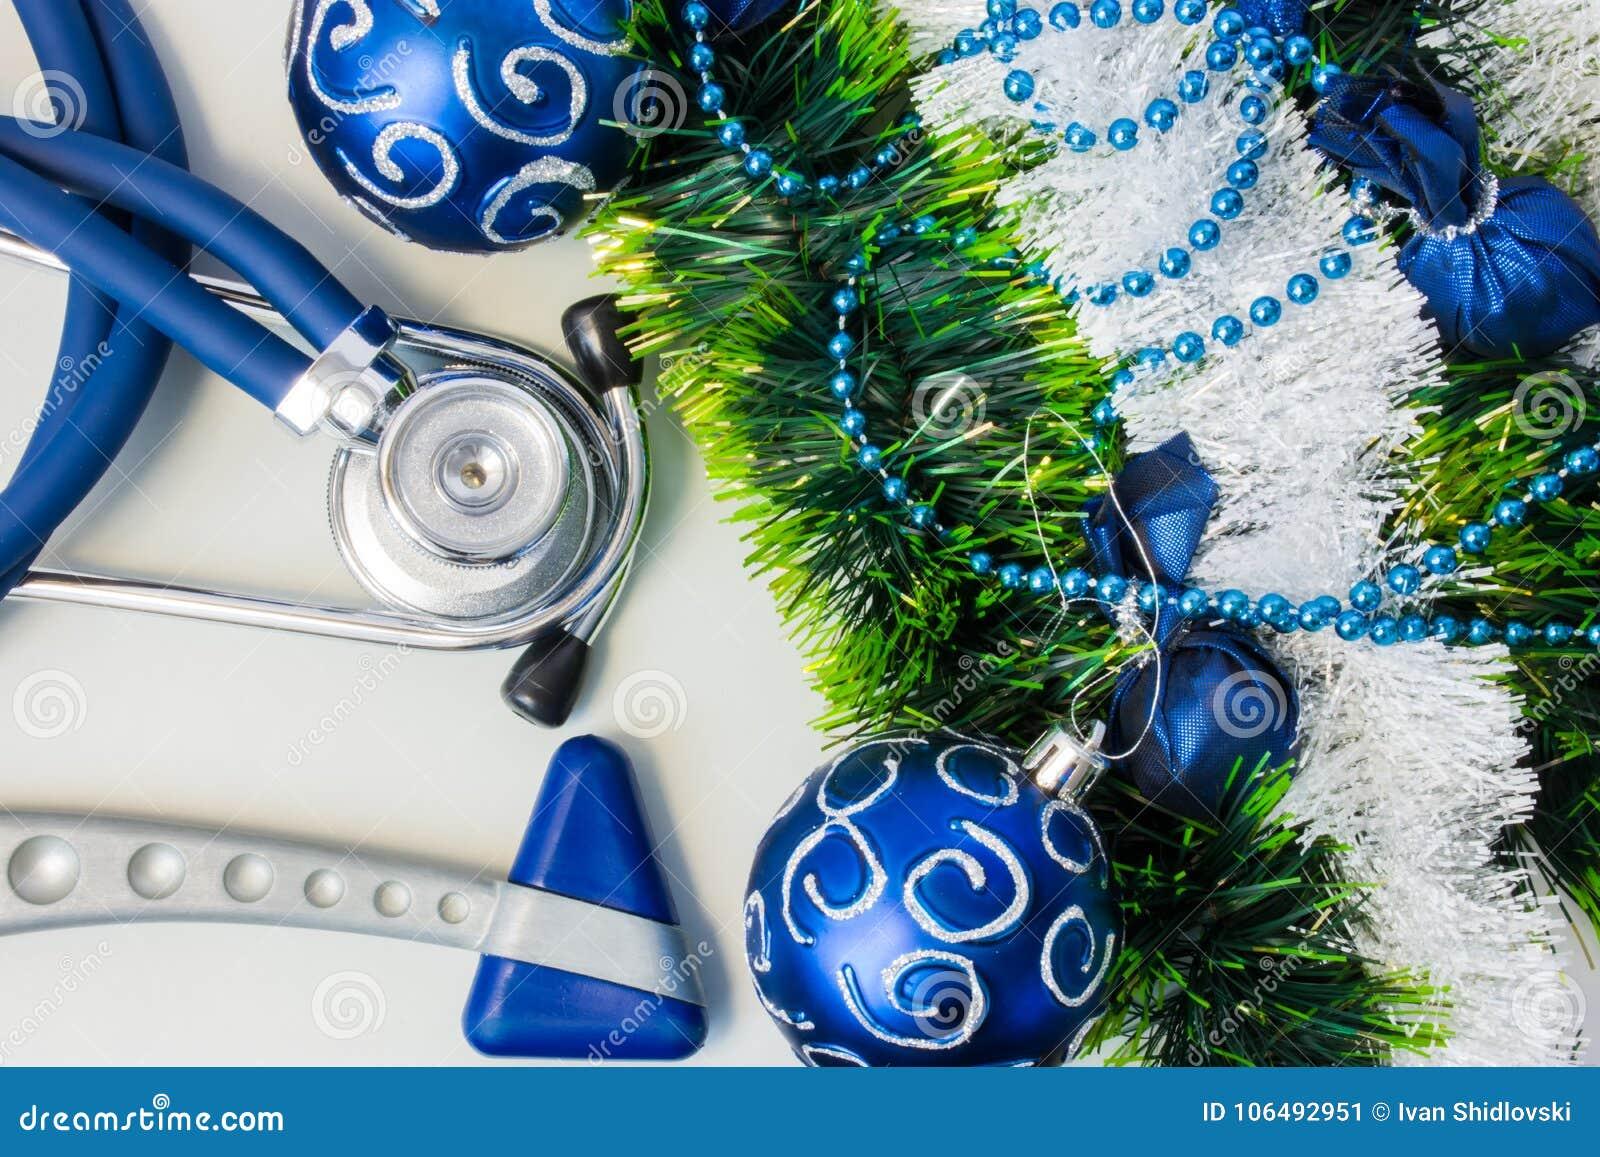 Χριστούγεννα και νέες διακοσμήσεις έτους κοντά στο ιατρικό εξοπλισμό Νευρολογία hummer και ιατρικό στηθοσκόπιο που βρίσκεται κοντ